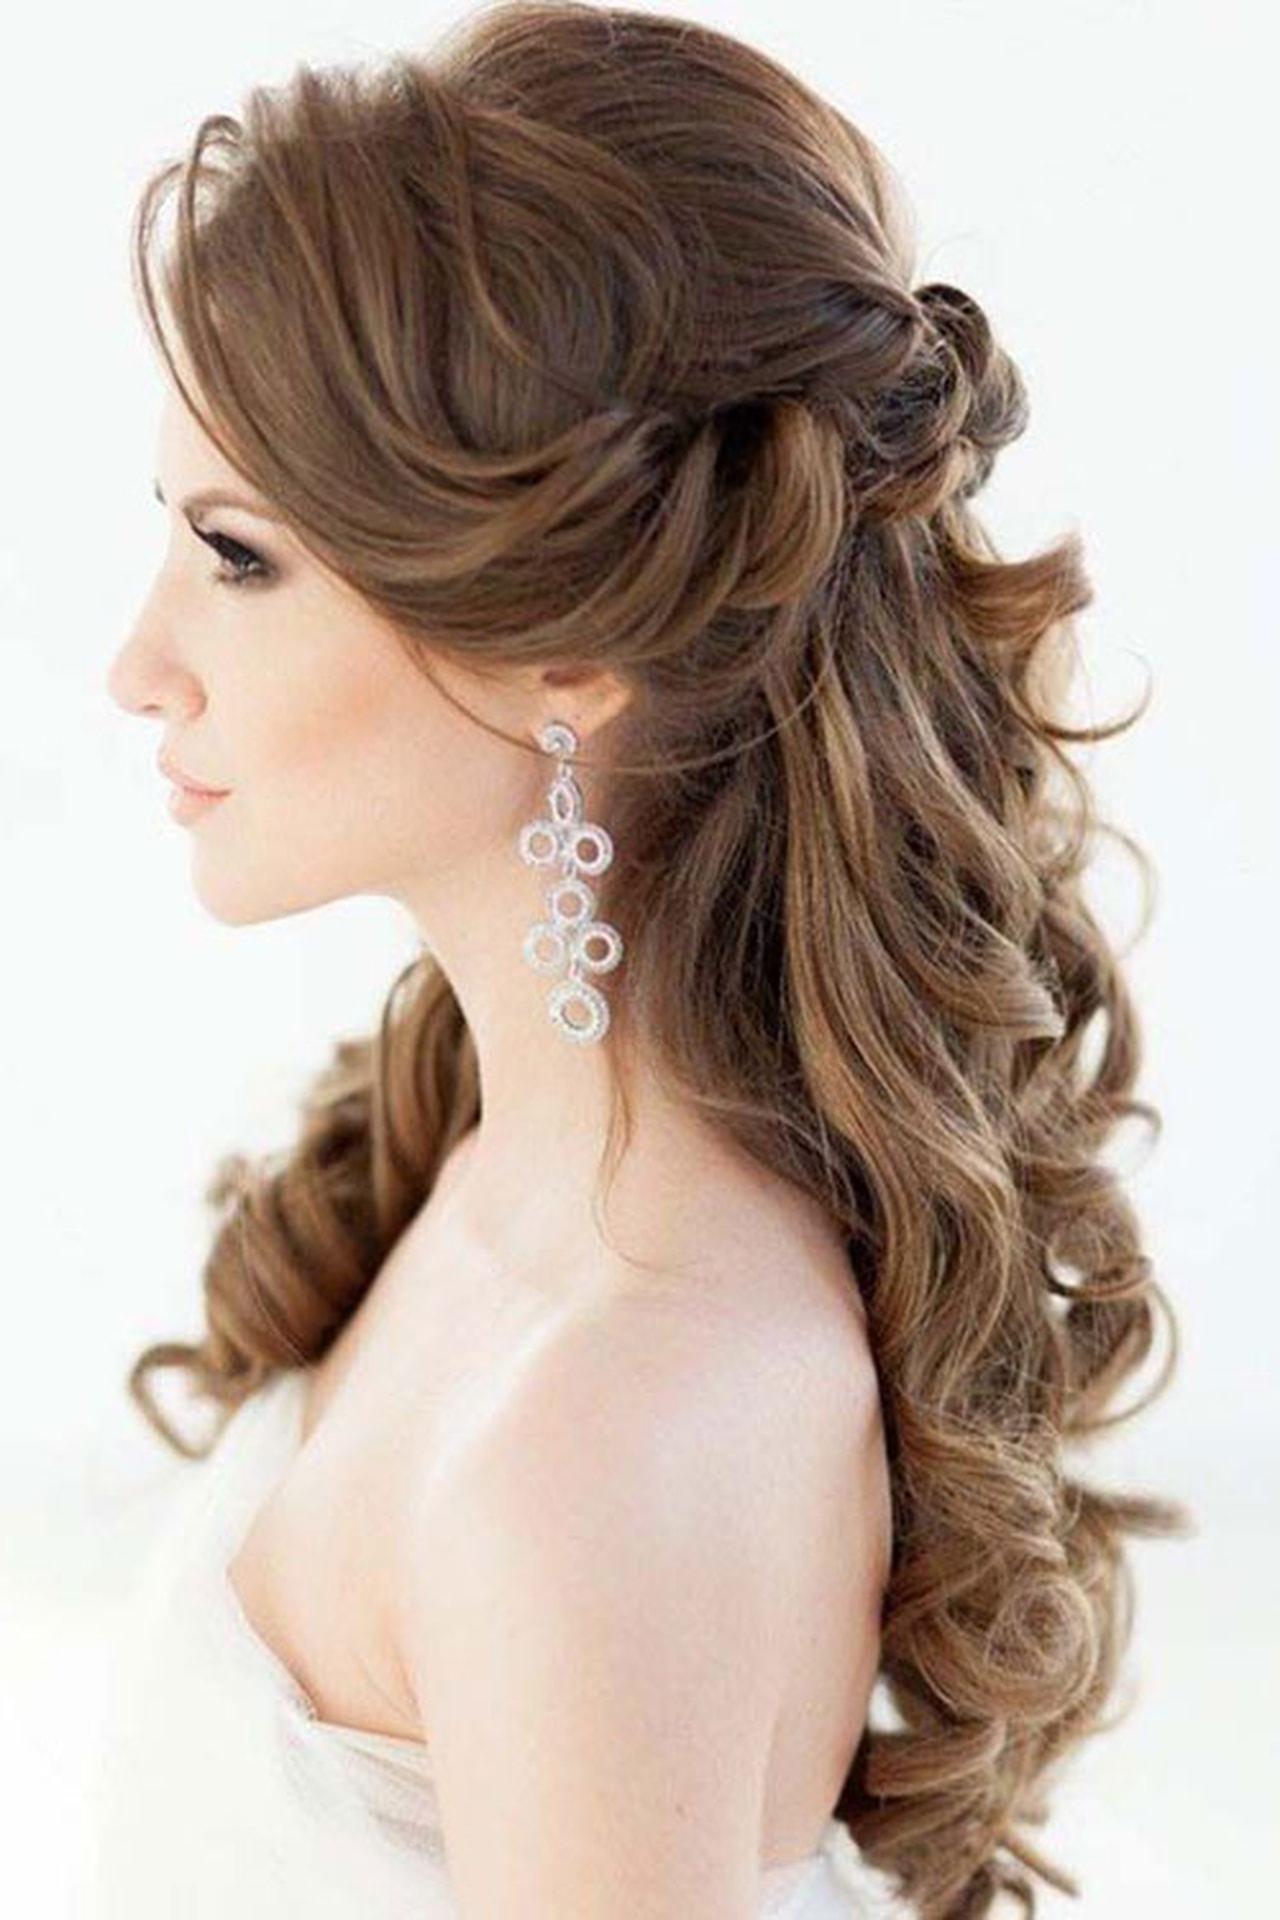 بالصور تسريحات شعر ناعمة , احدث قصات الشعر 3991 12